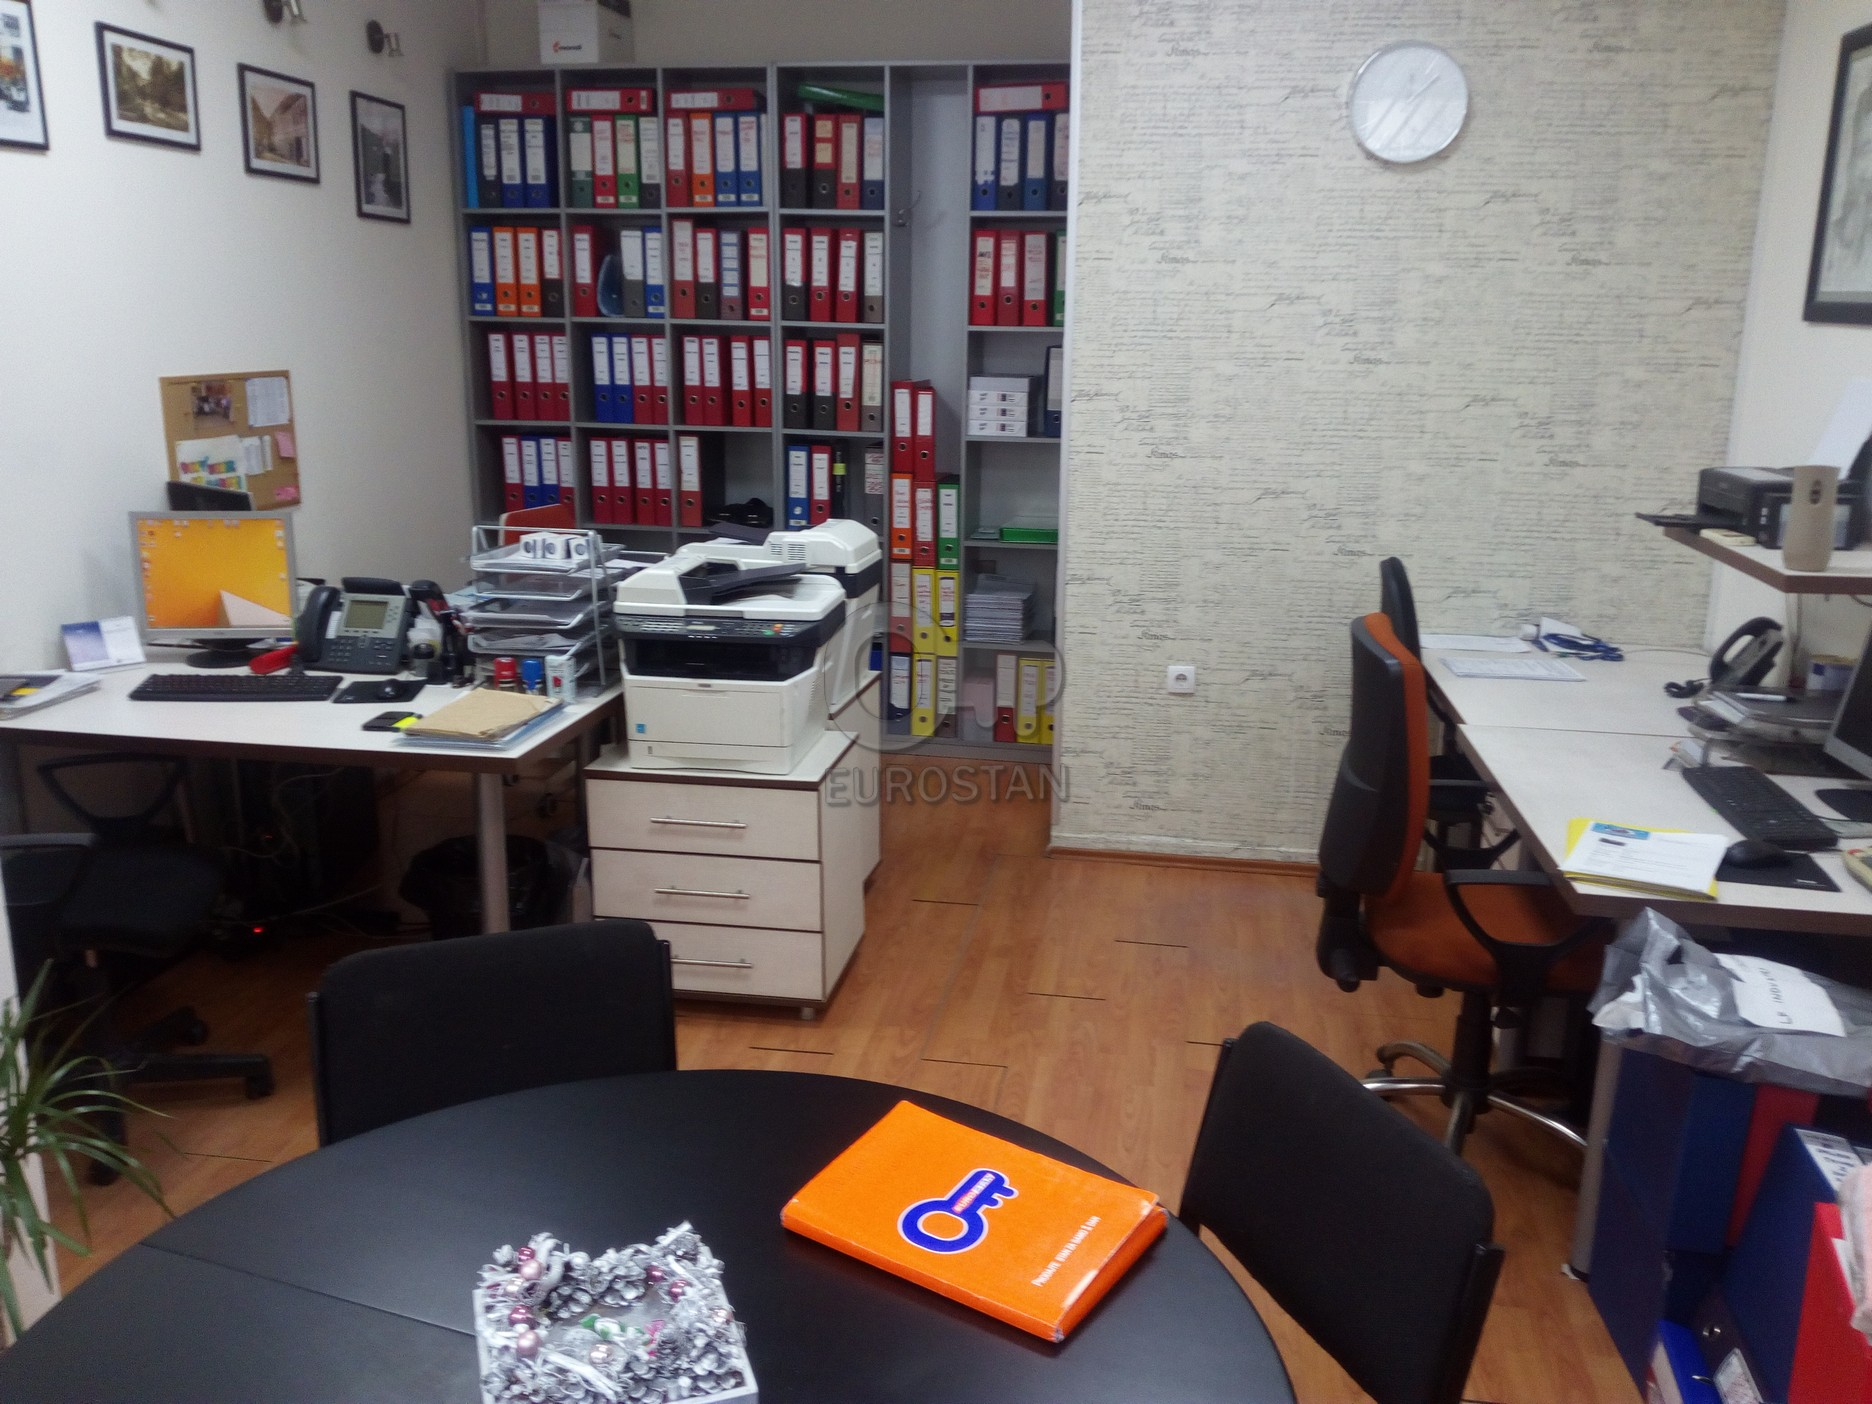 Poslovni prostor ČUKARIČKA PADINA 26000 EUR